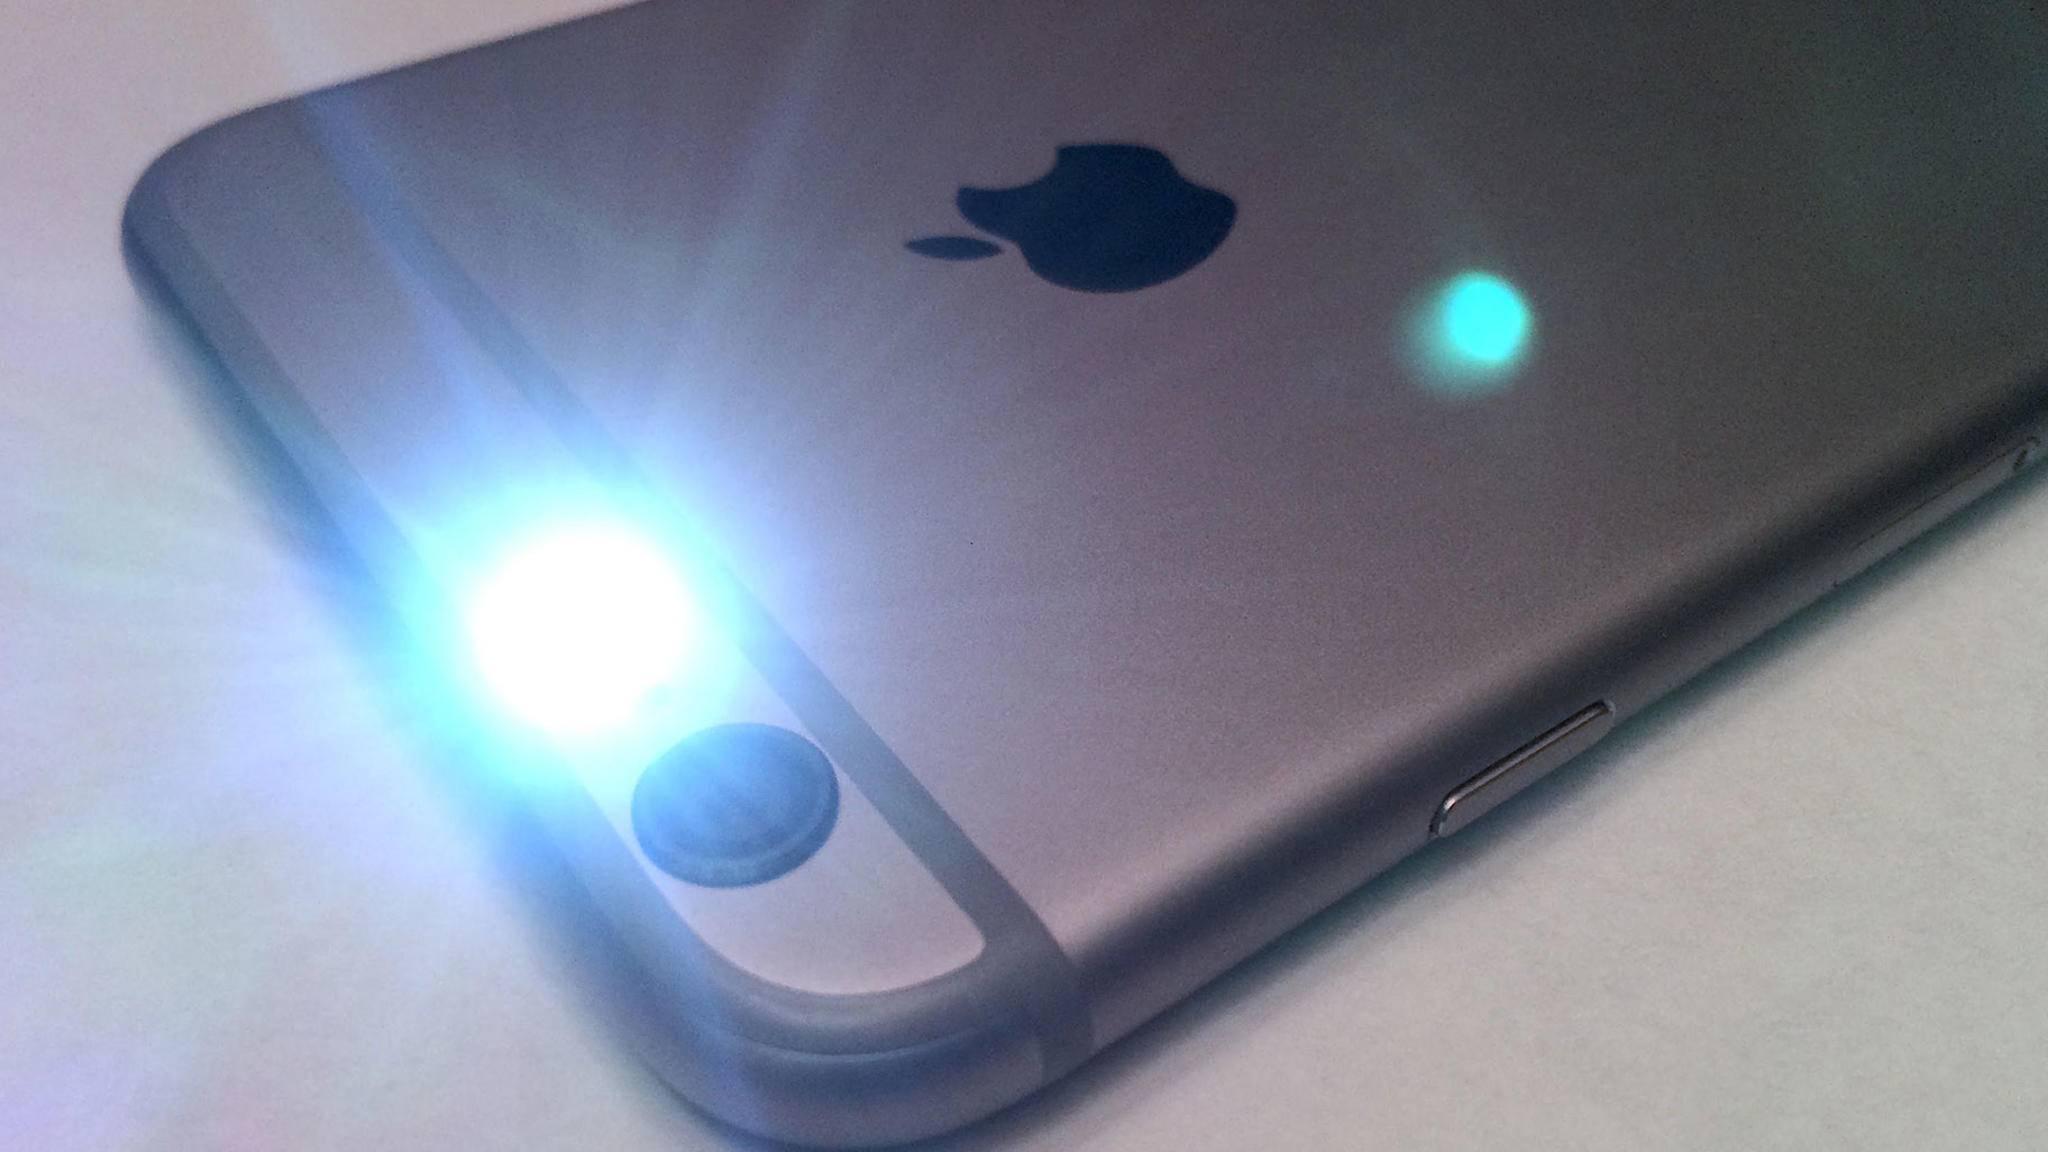 Was Du tun kannst, wenn die iPhone-Taschenlampe nicht ausgehen will, verraten wir in der folgenden Anleitung.